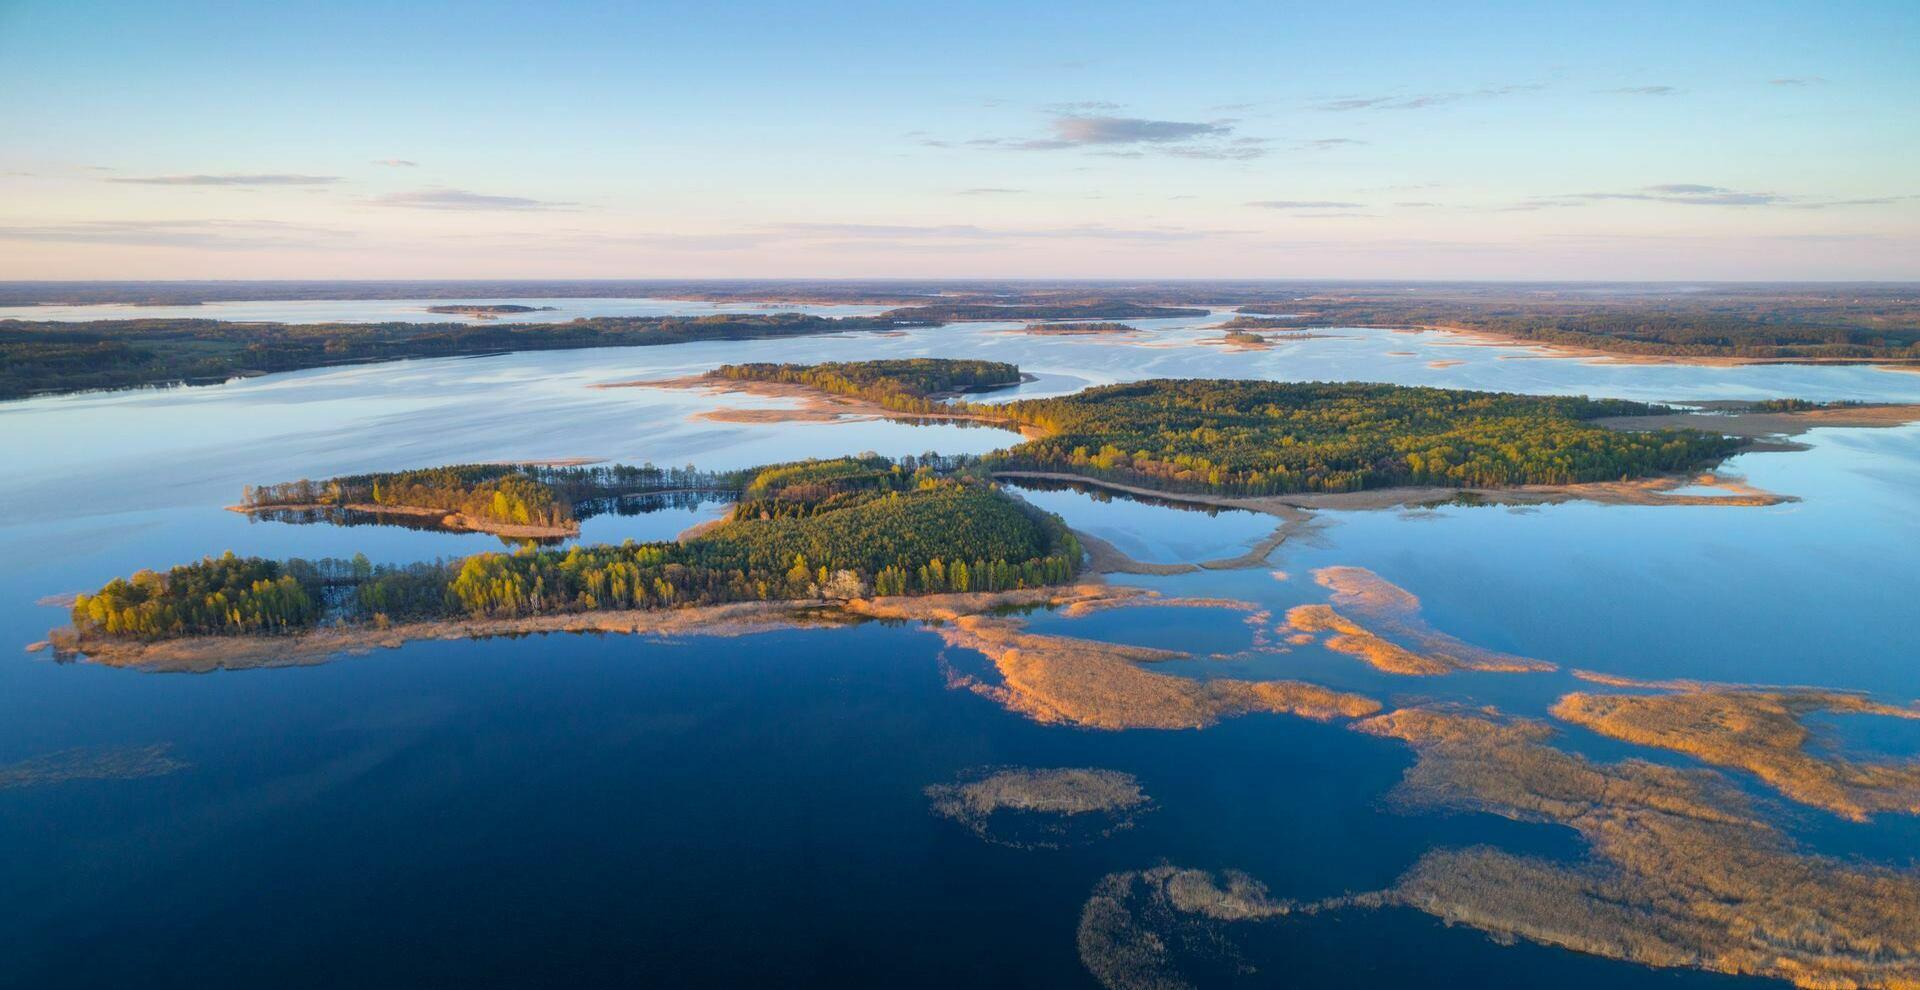 Браславские озера вид с воздуха